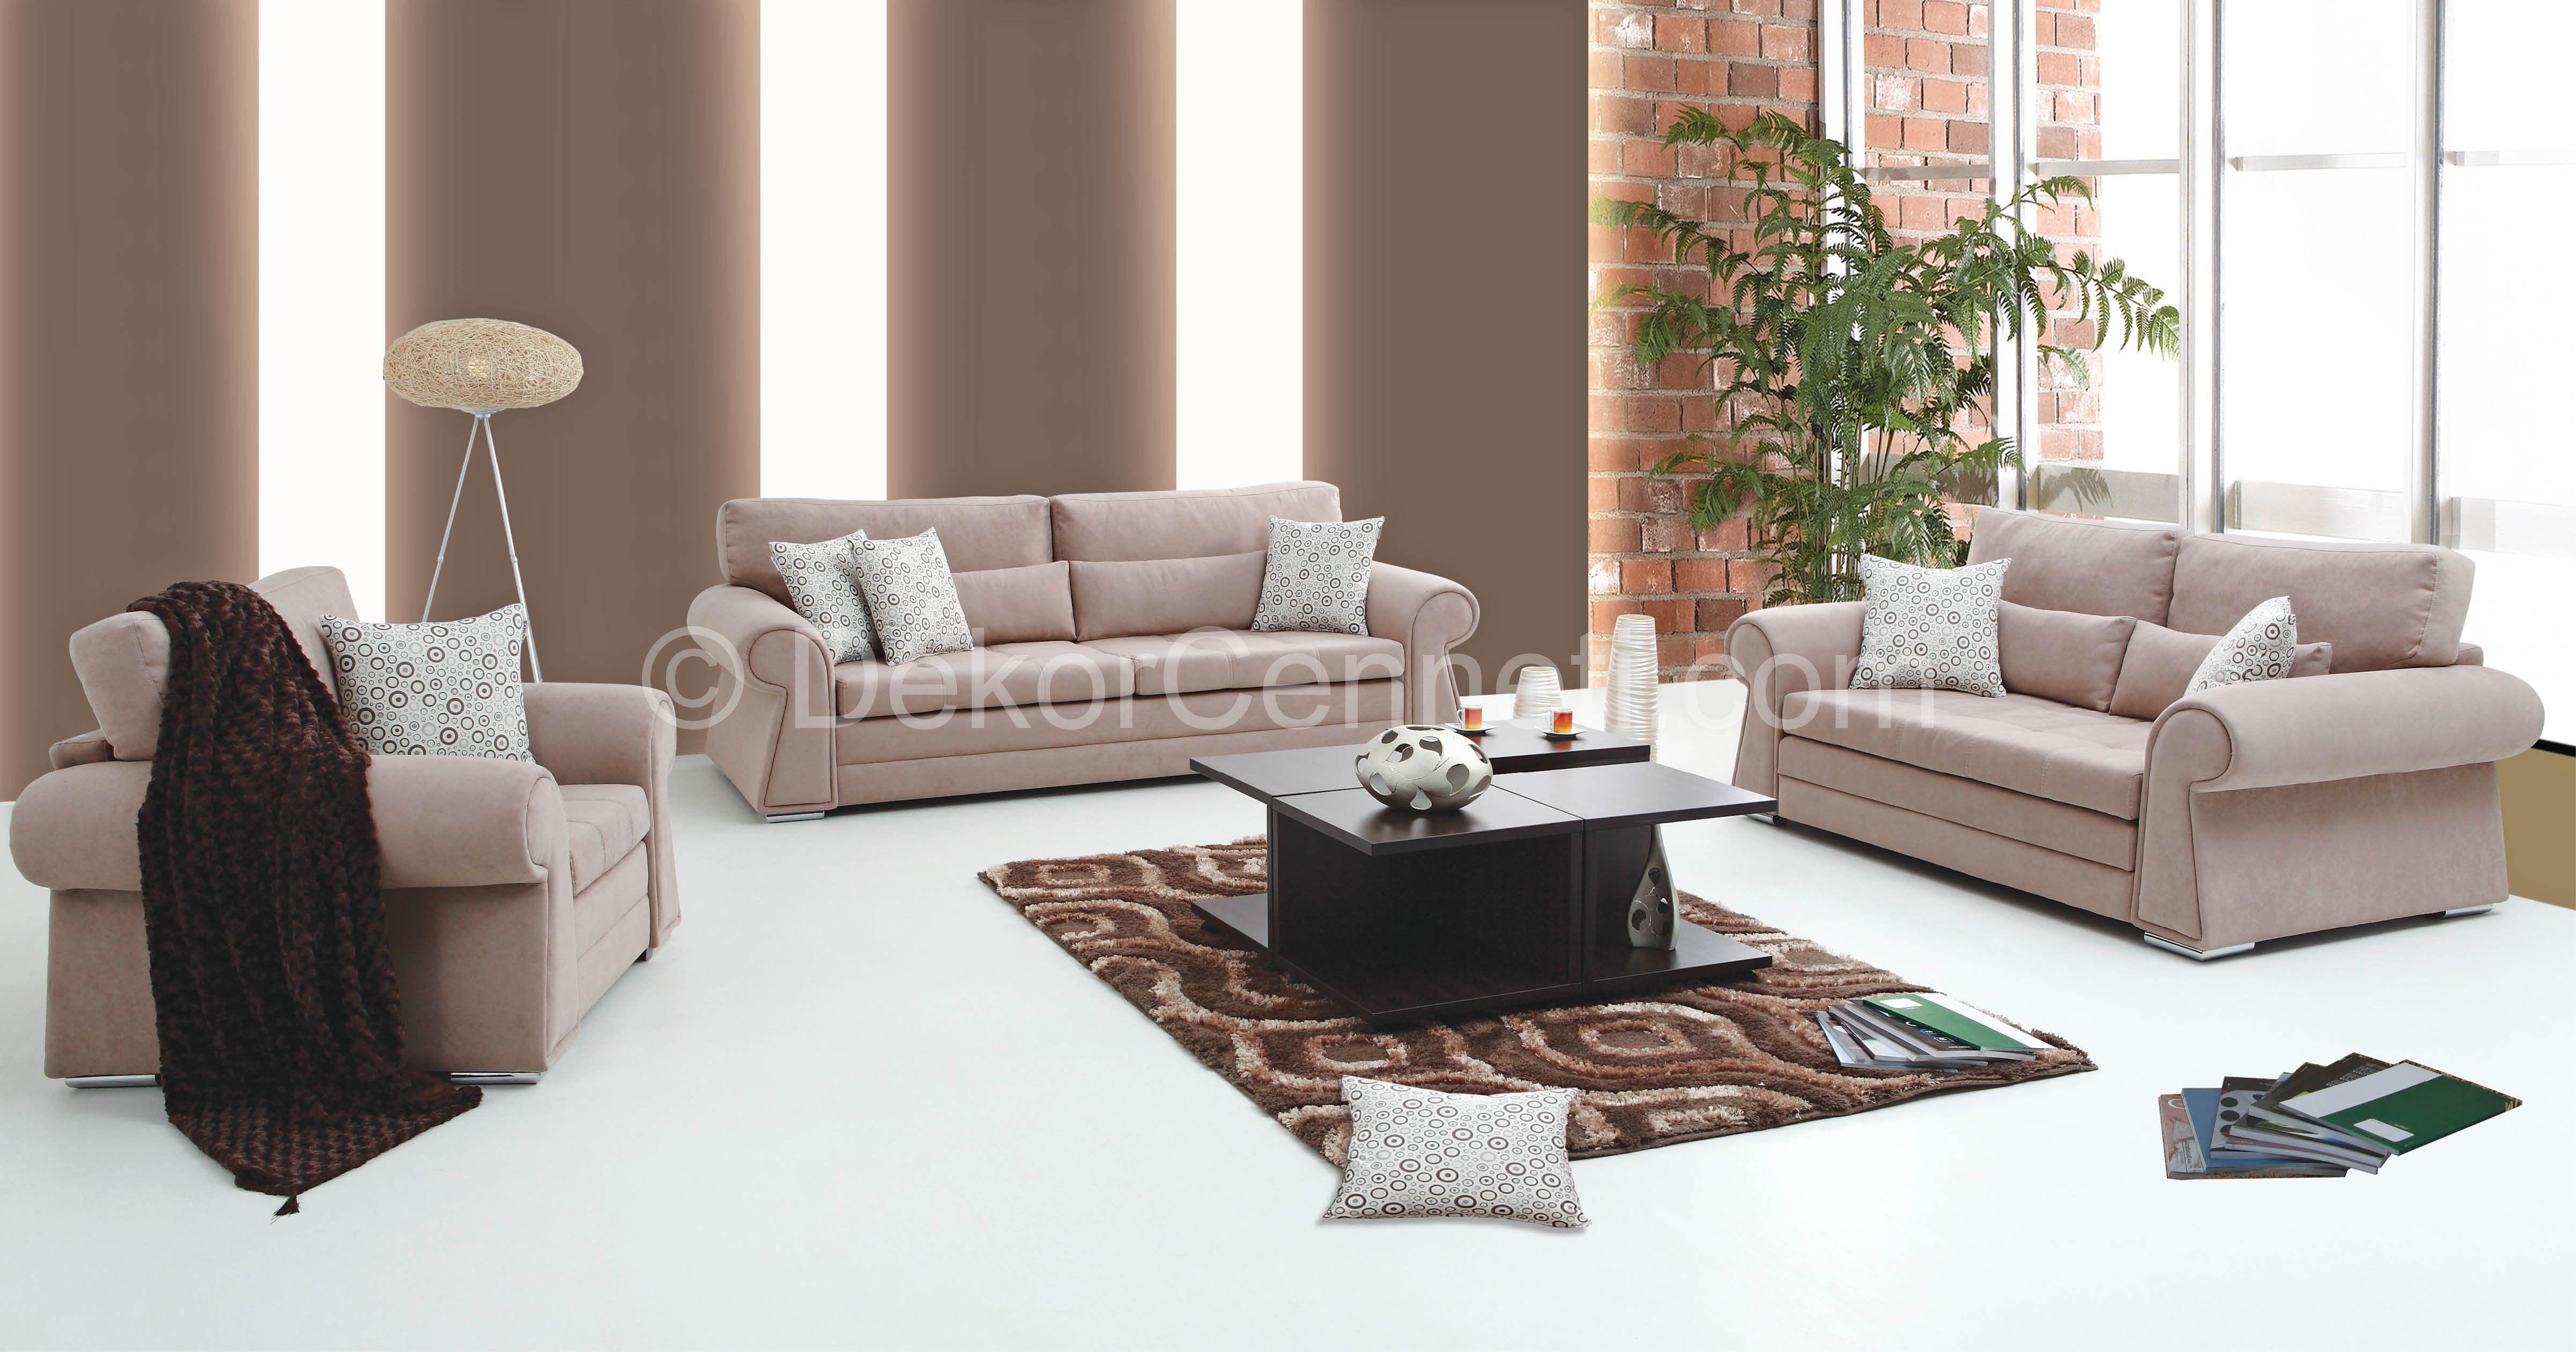 Lazzoni Mobilya Salon Koltuk Takimlari Dekorasyon